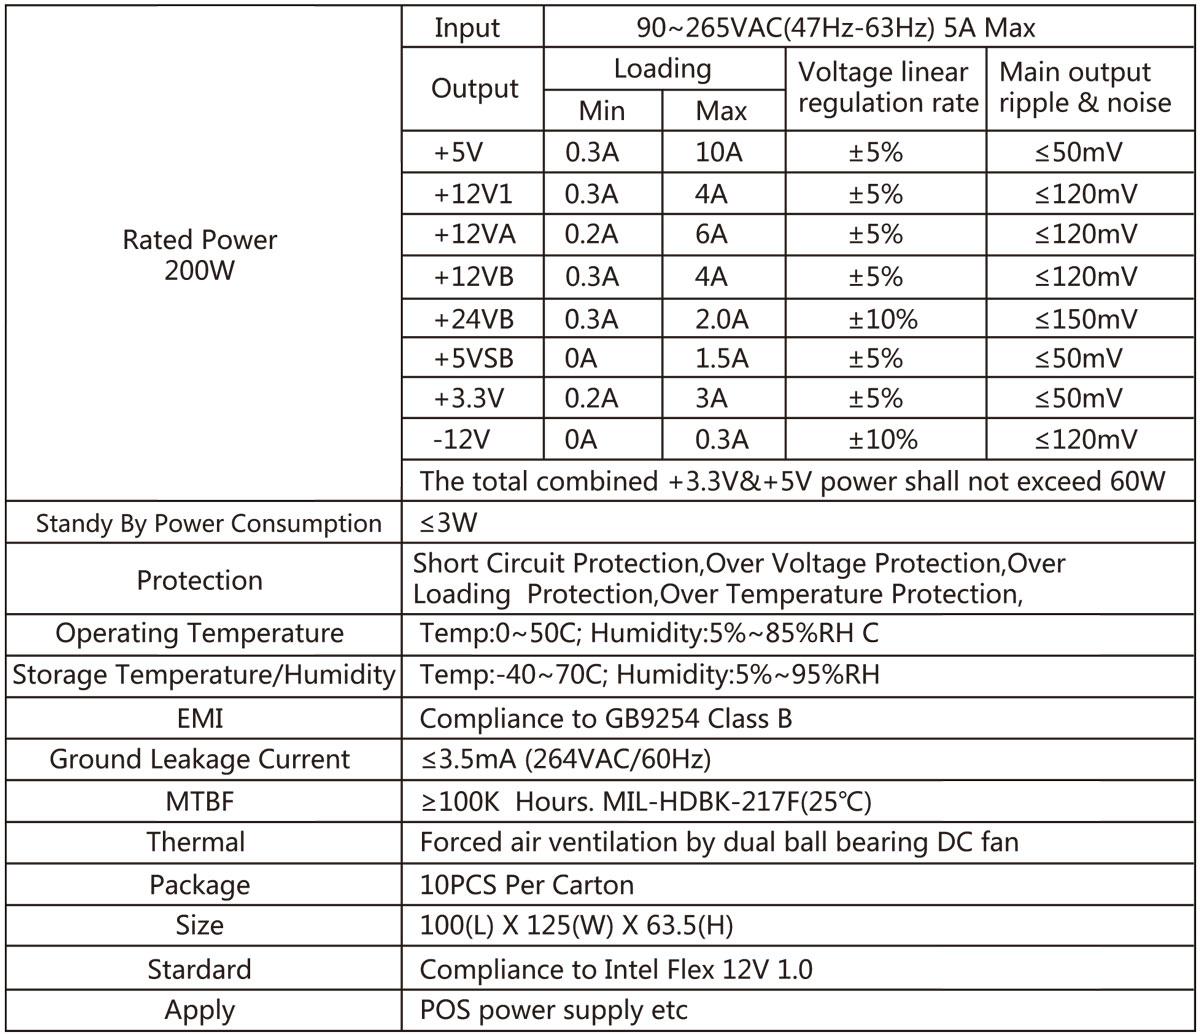 11-10 HK350-43FP